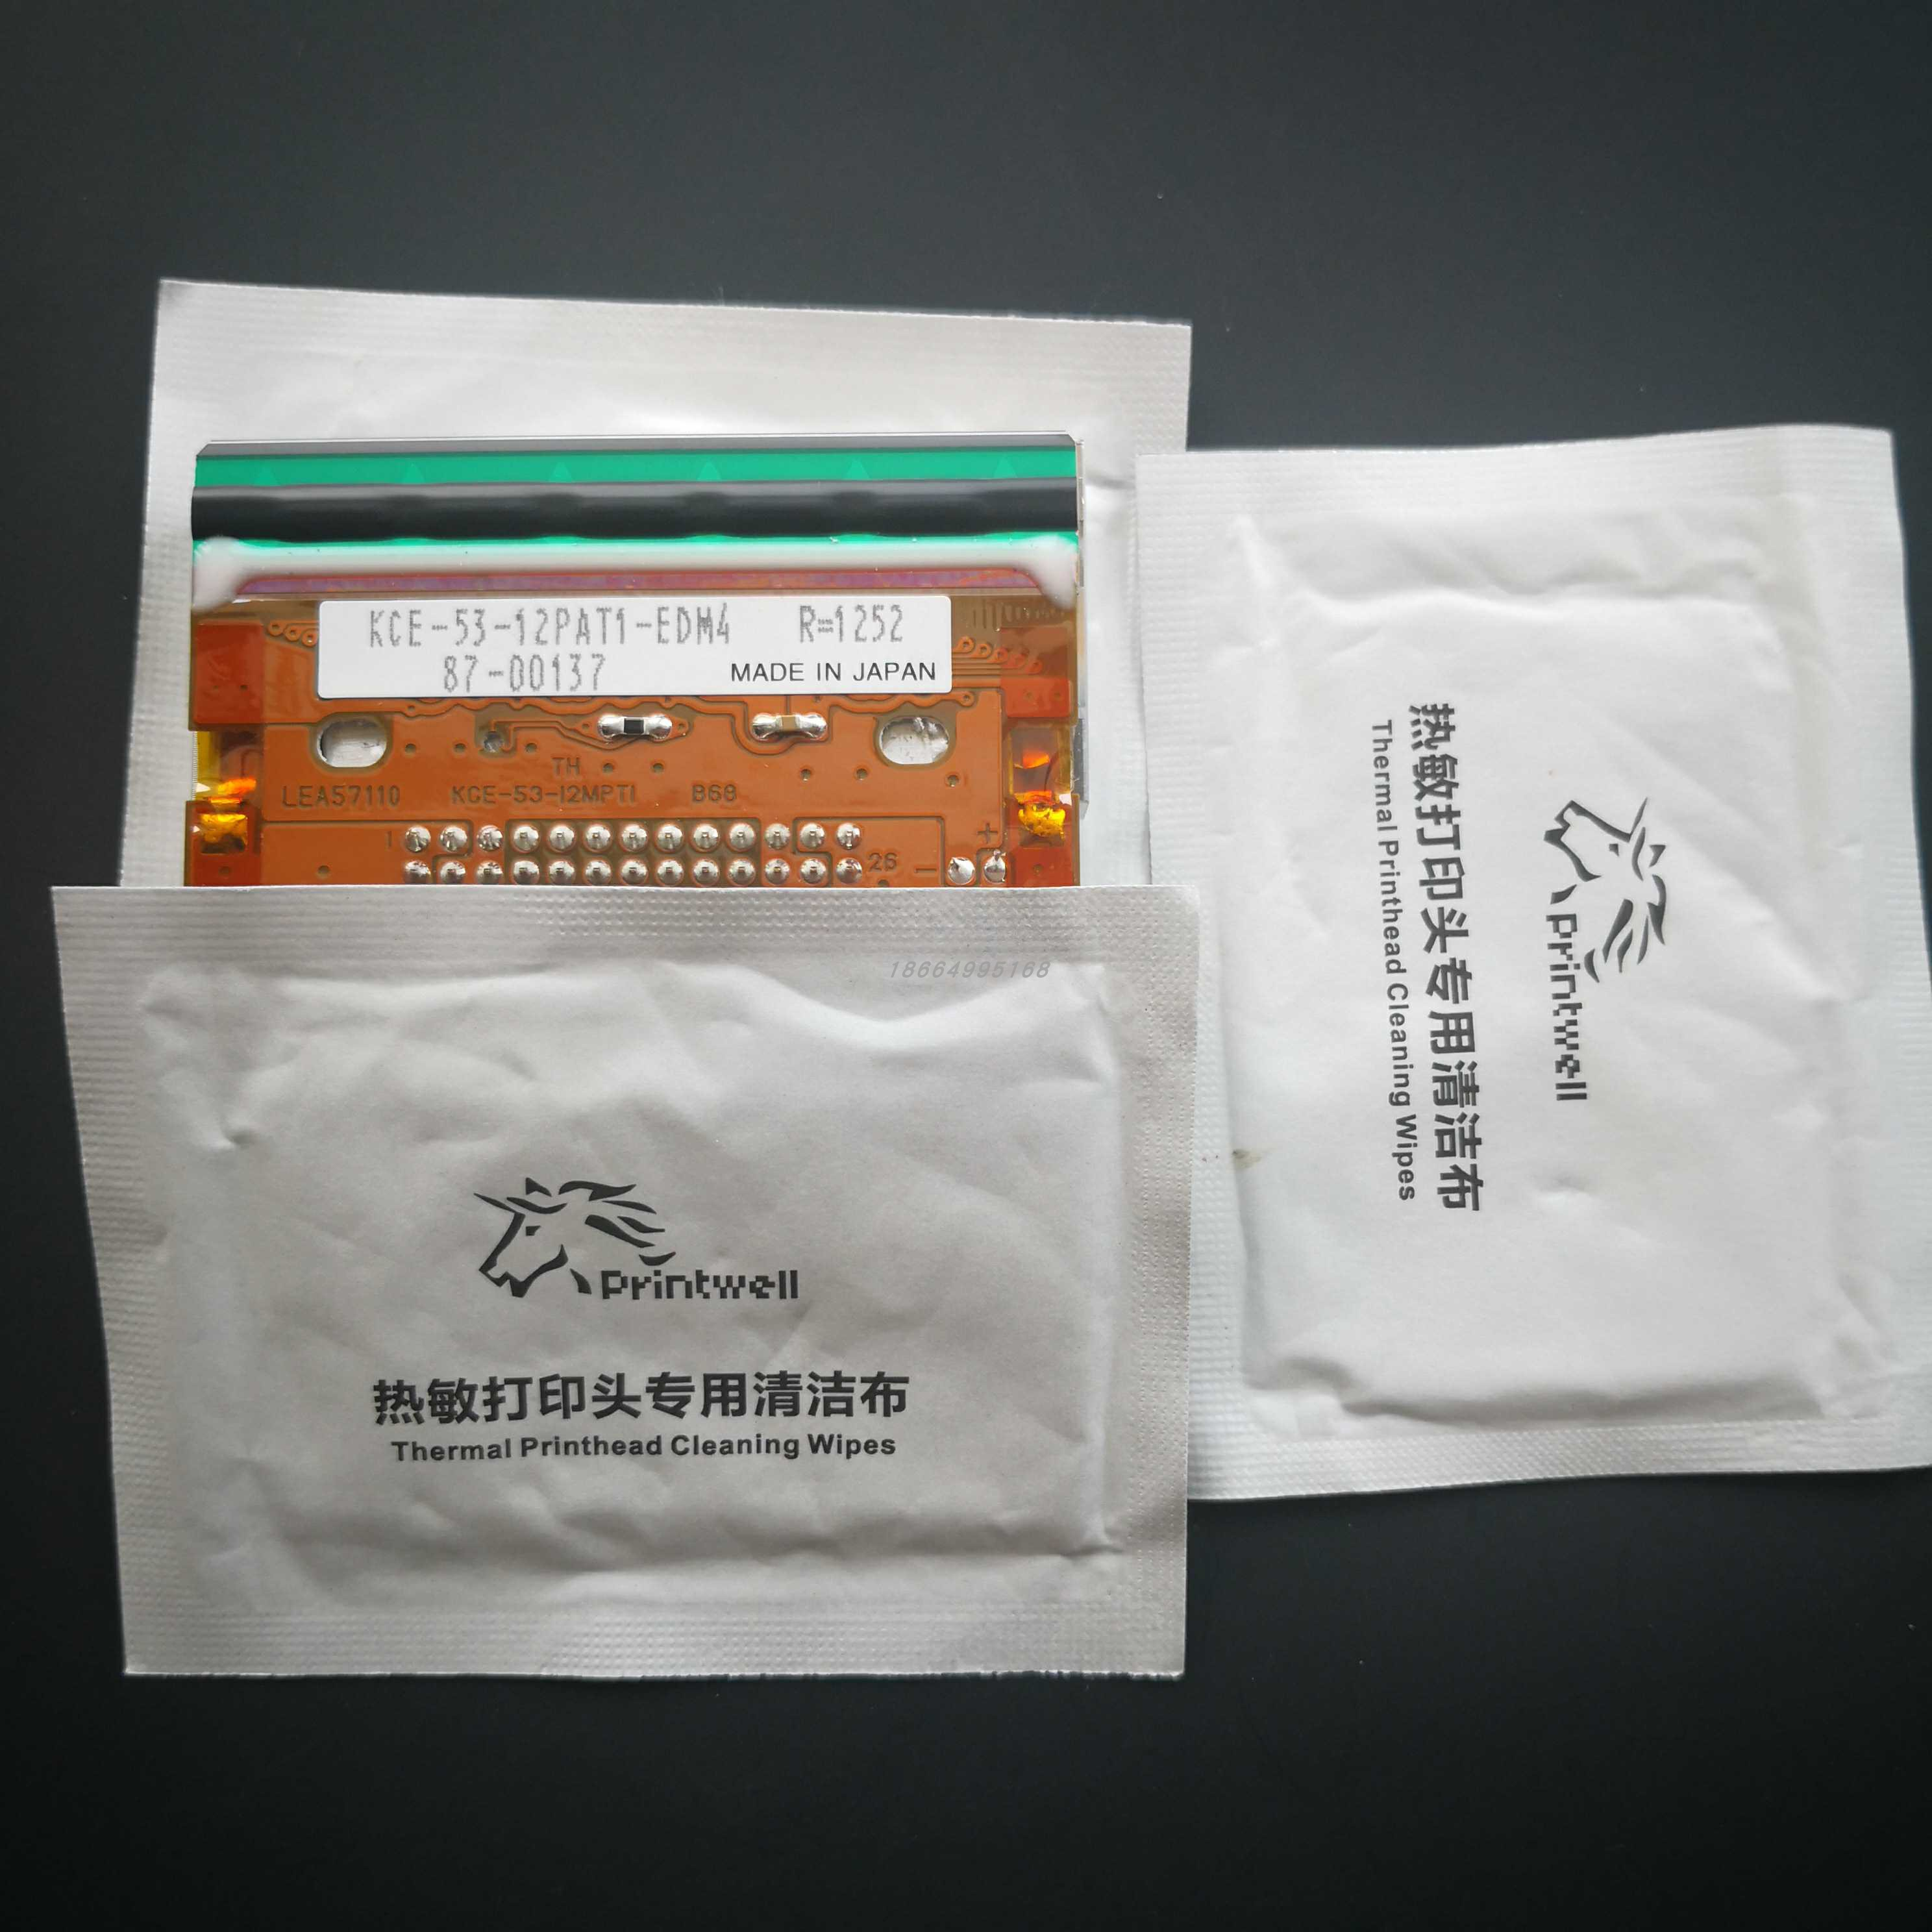 TTO print head kce-53-12pat1-edm4 print, printer label head width 53mm(China)